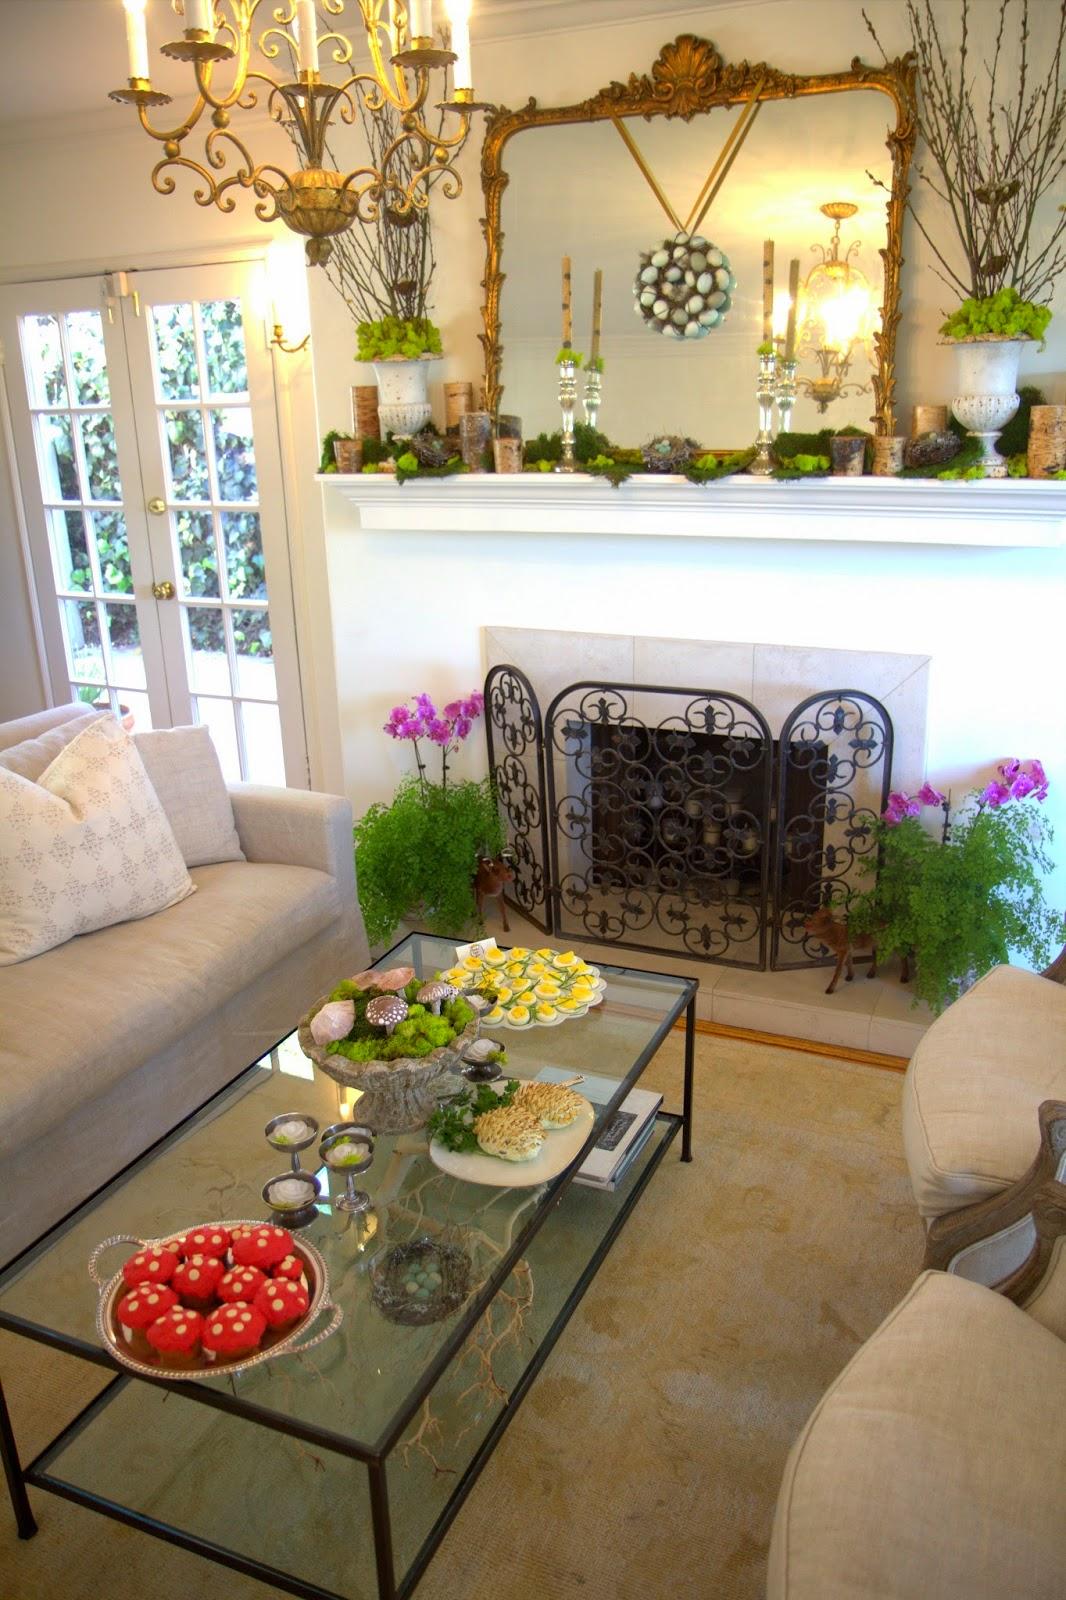 Woodland Party; Living Room decor, springtime: Nora's Nest